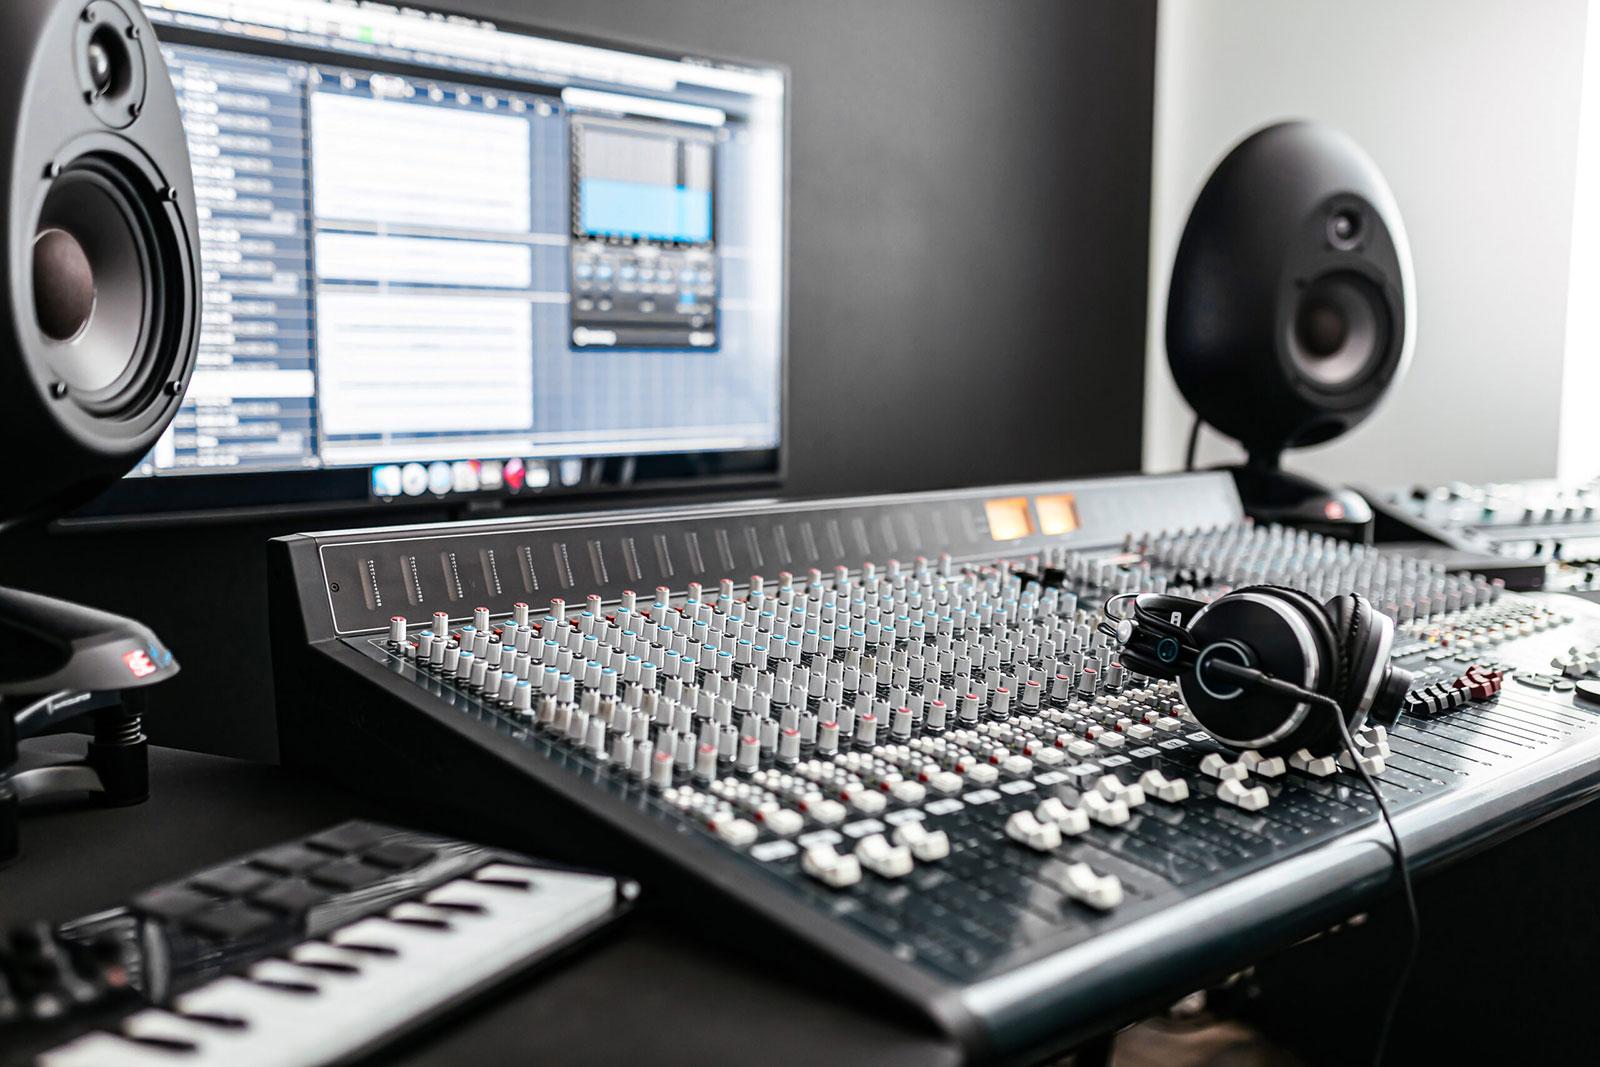 Kako napraviti svoj prvi kućni studio?